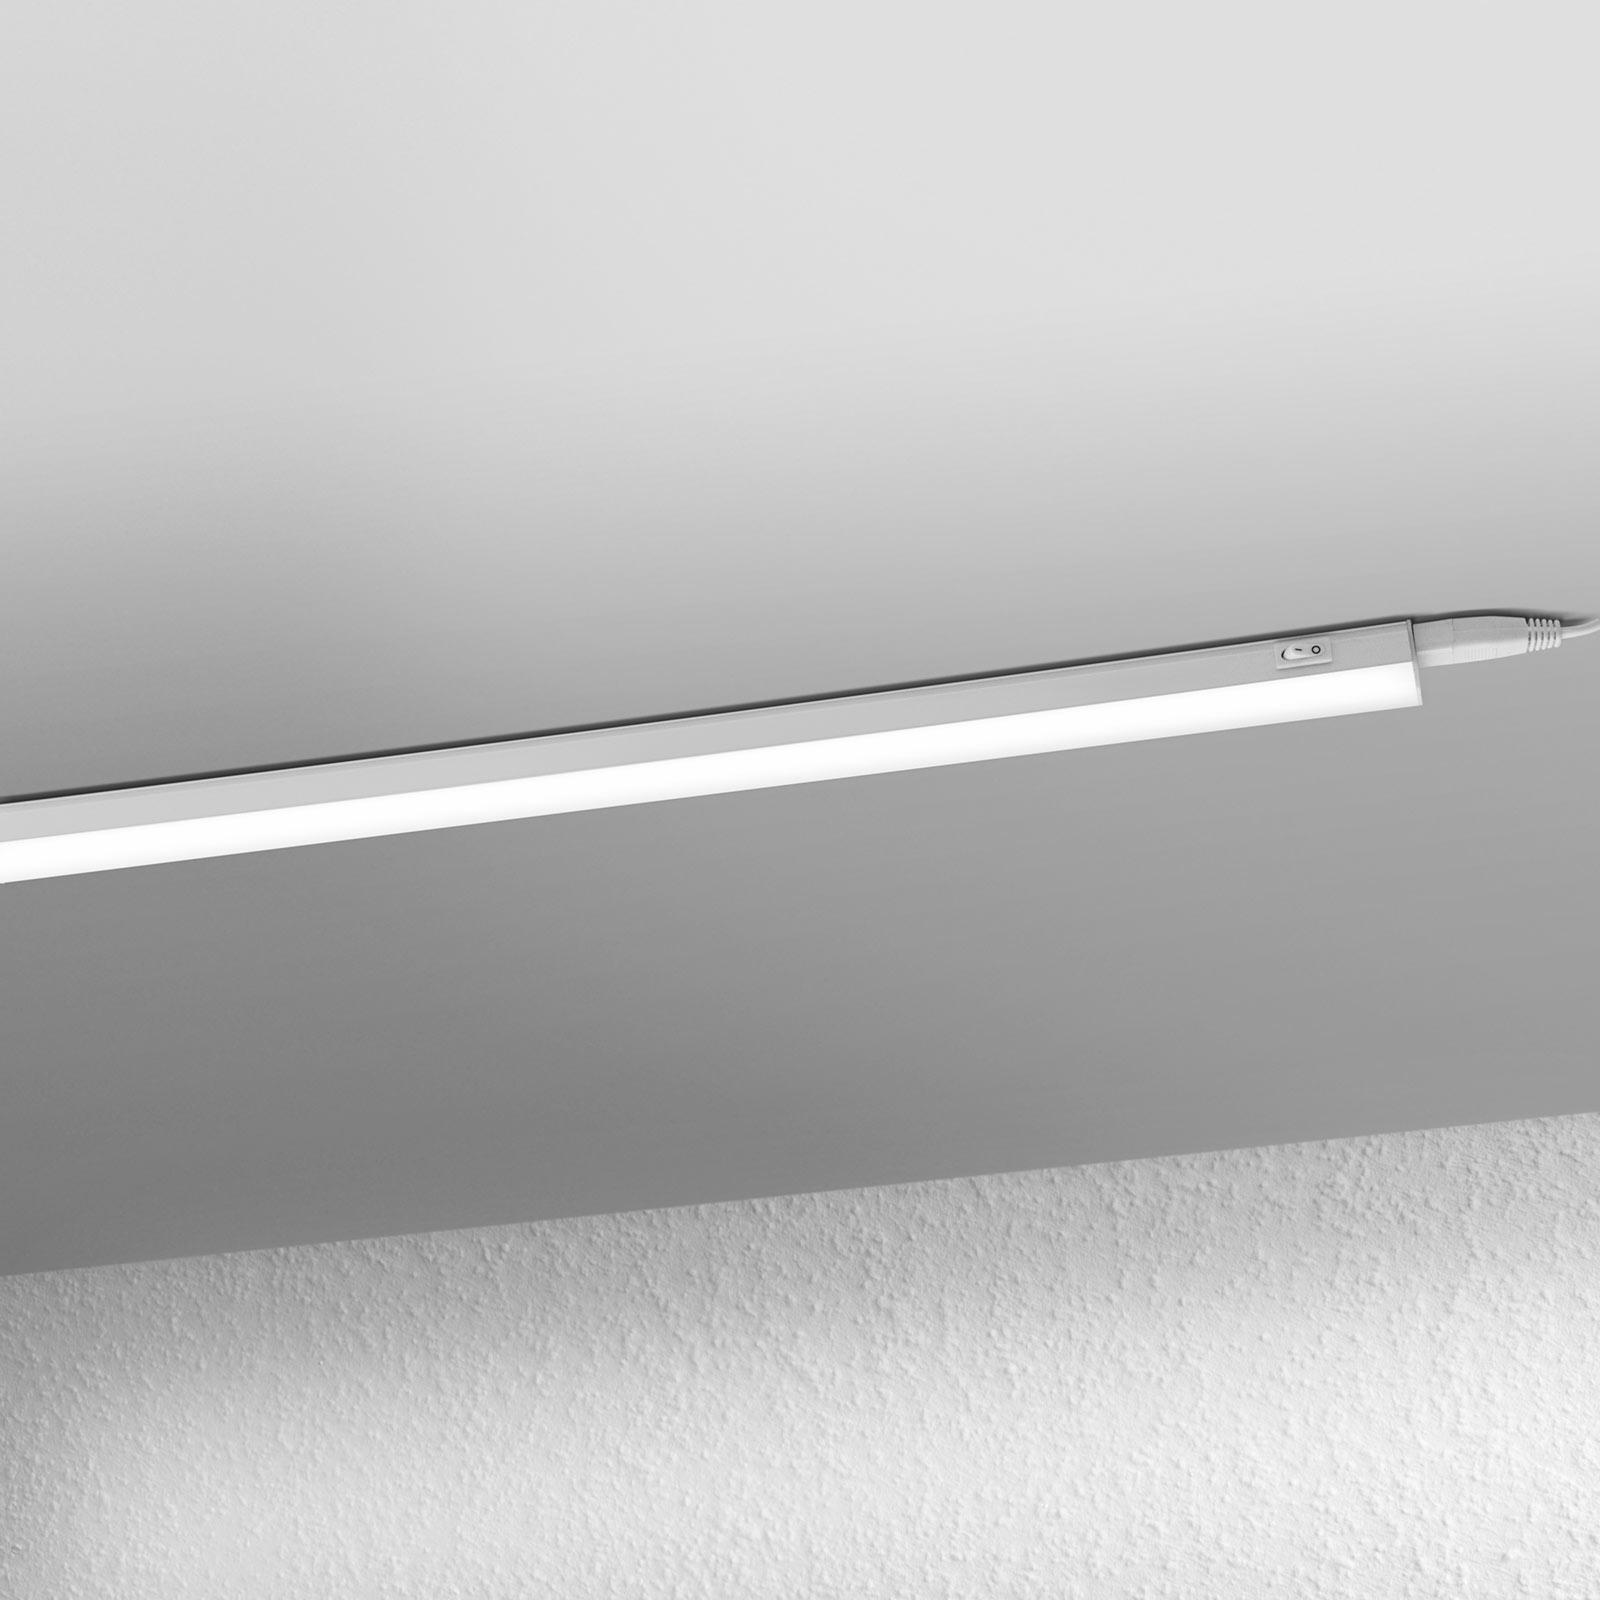 LEDVANCE Batten LED-benkarmatur 120cm 4 000 K